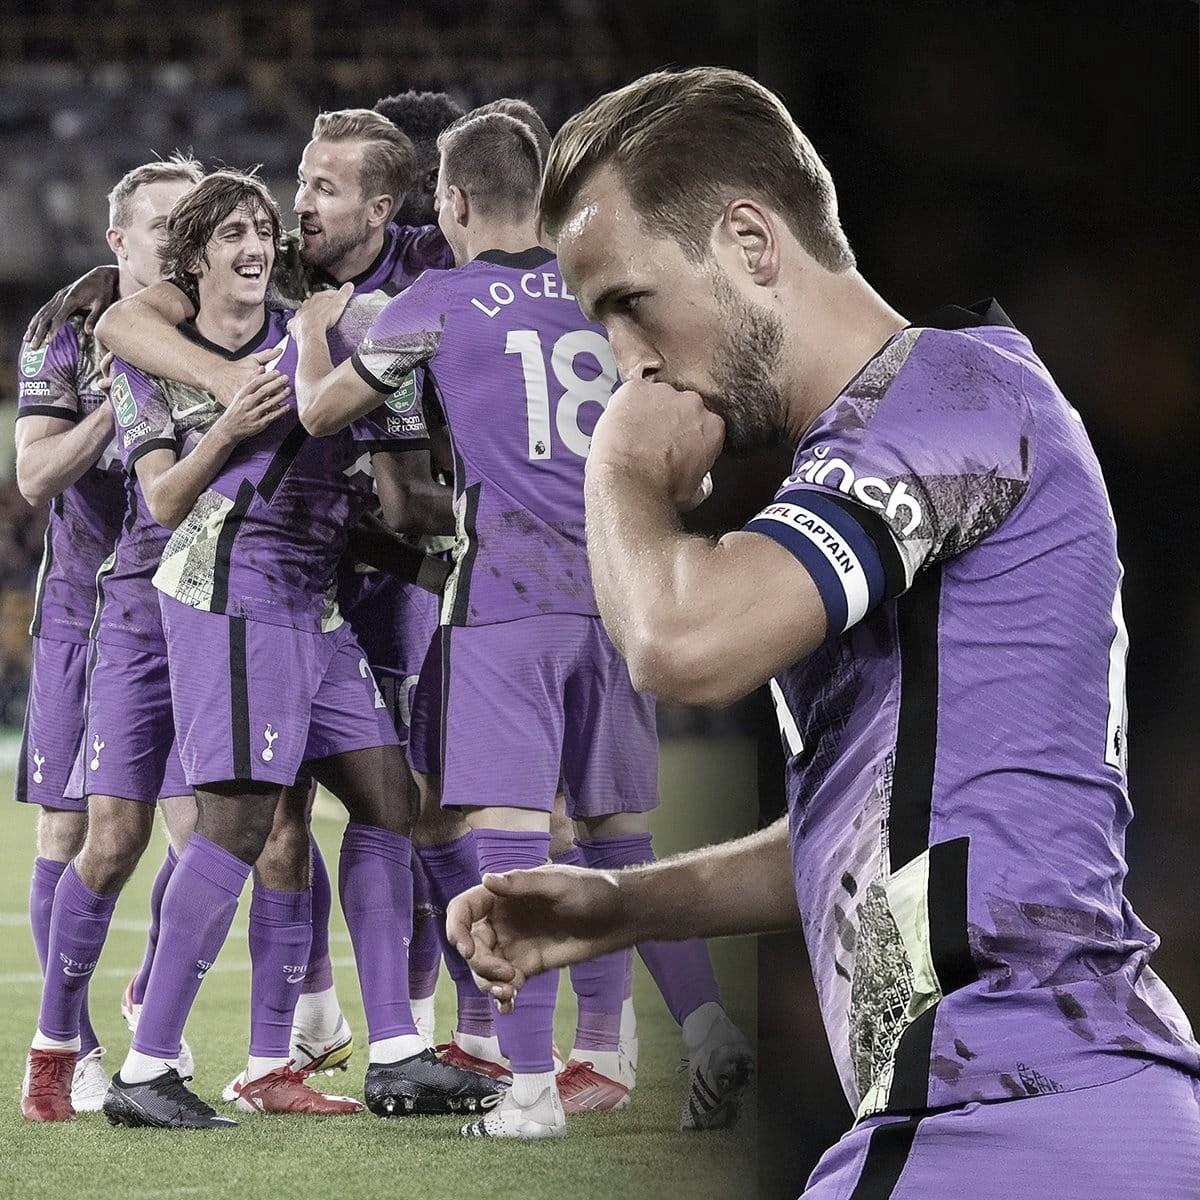 Tottenham a octavos